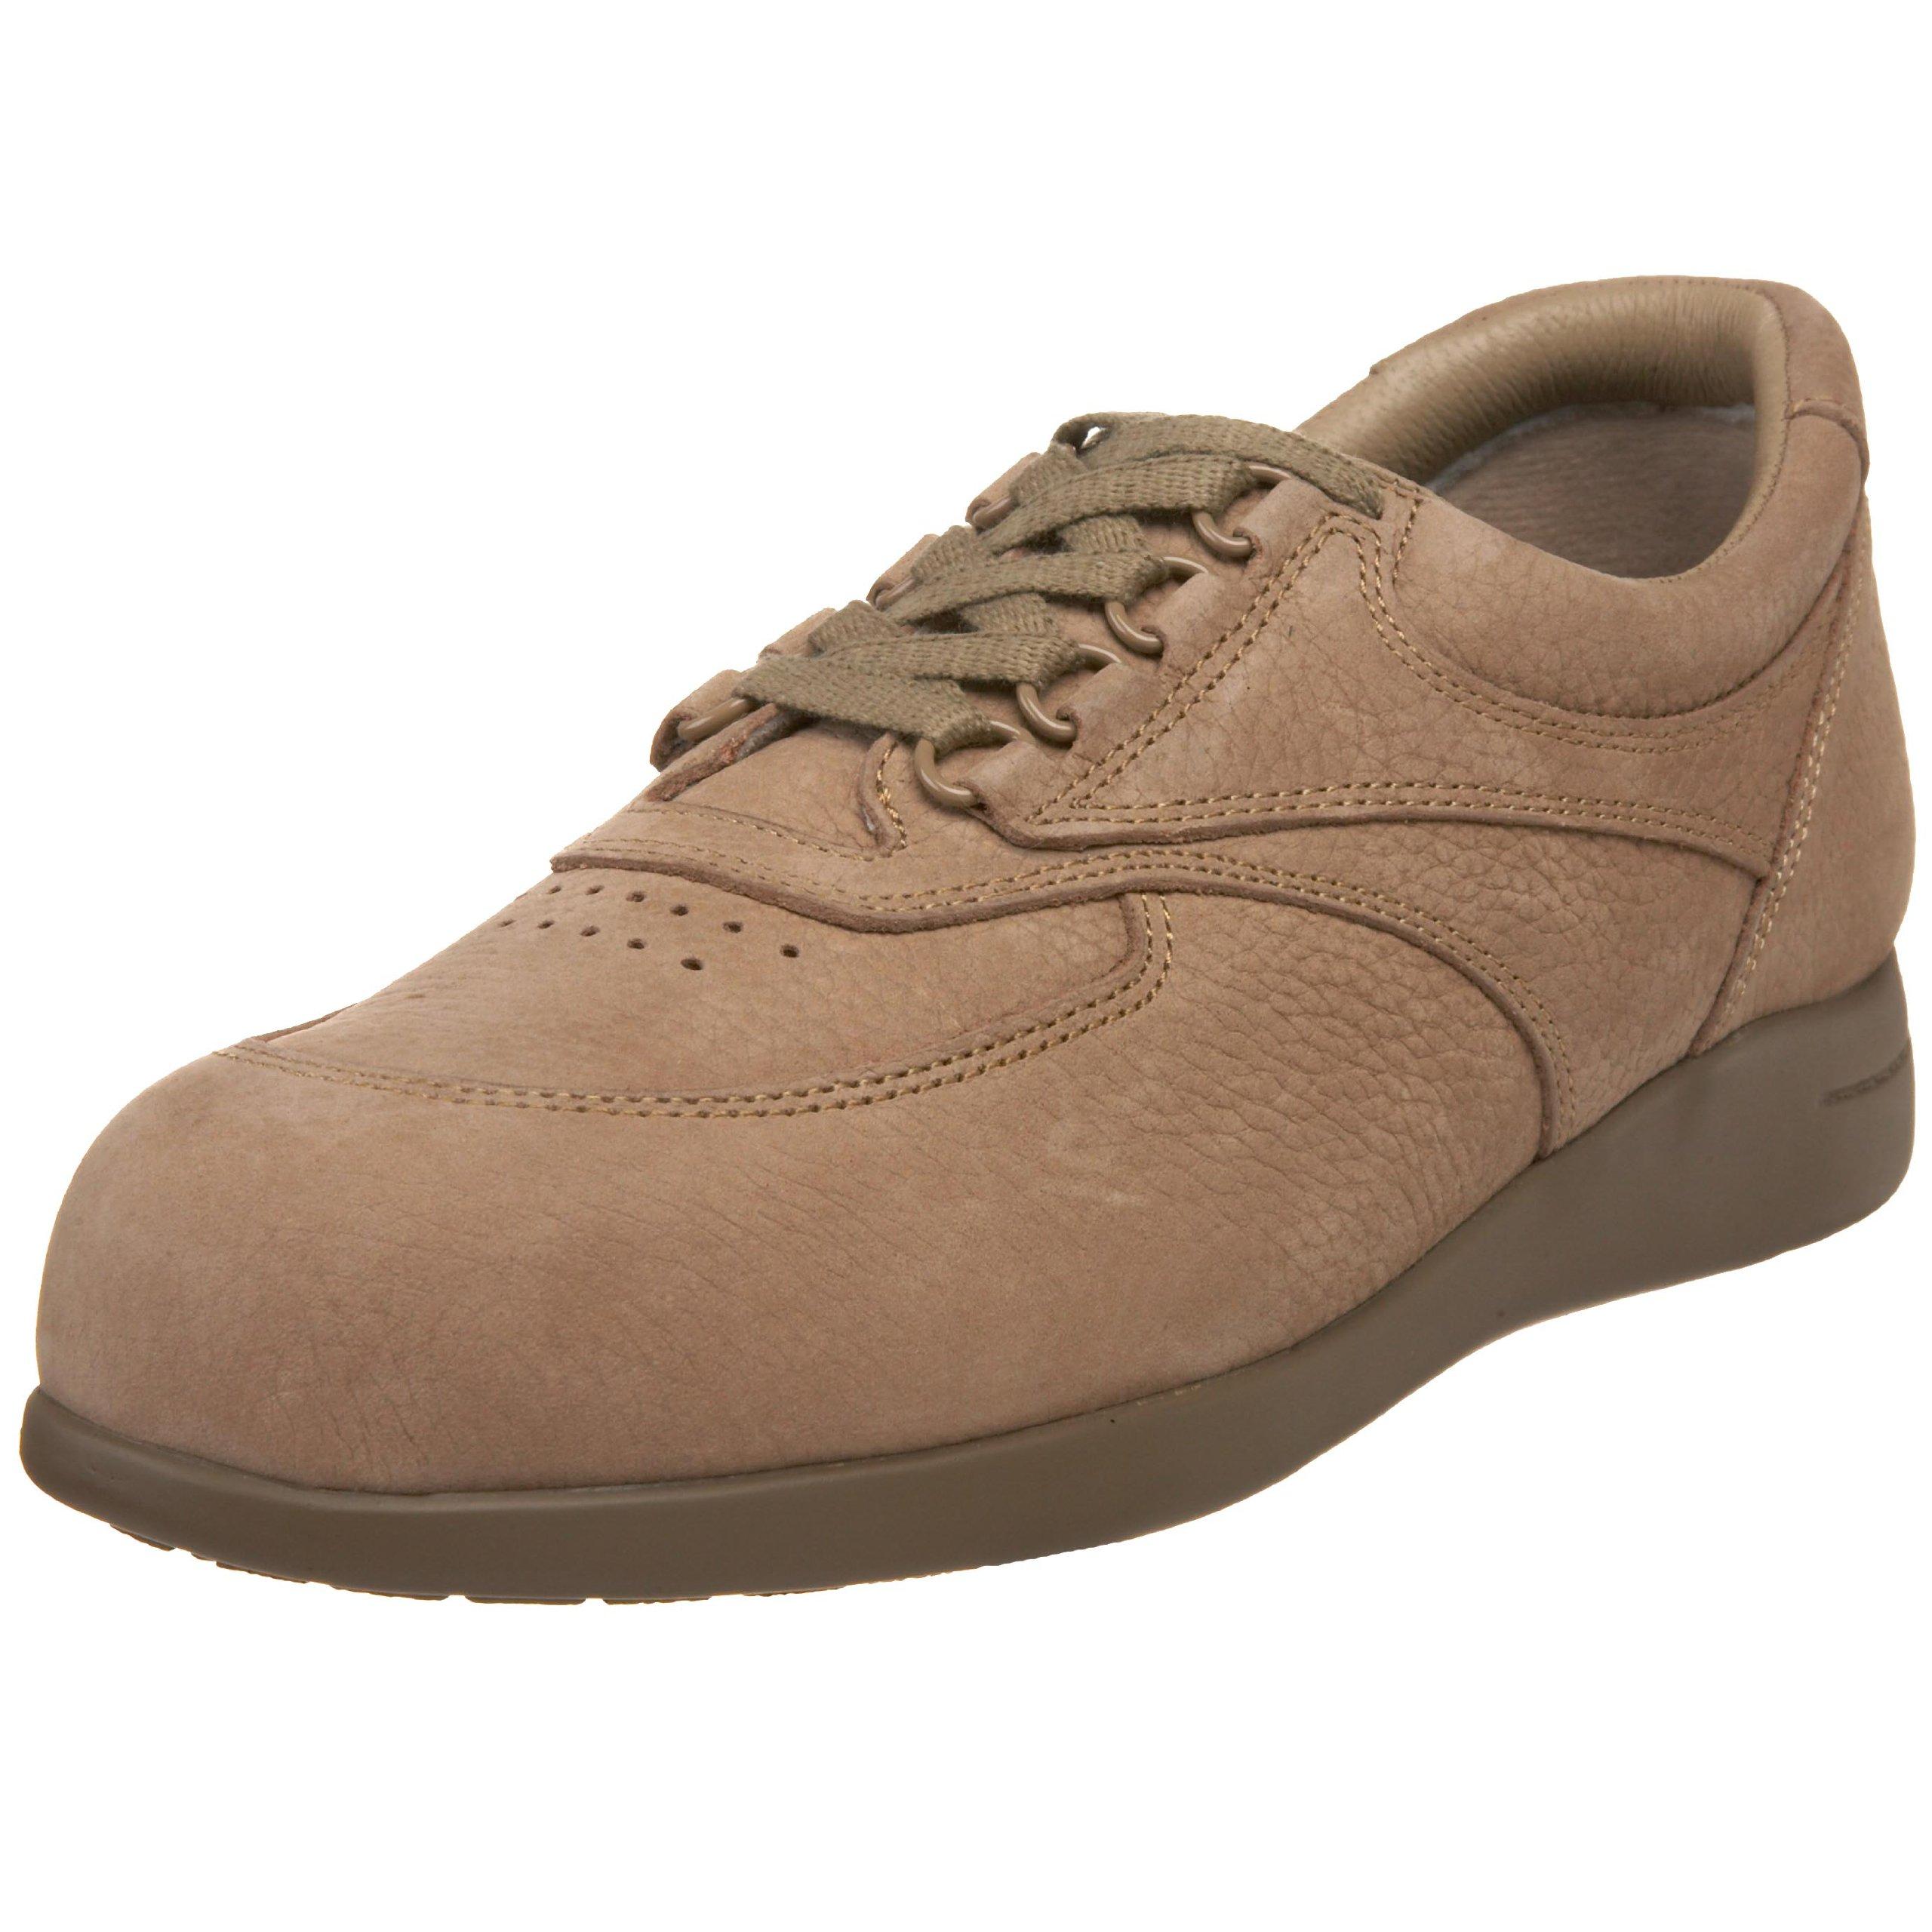 Drew Shoe Women's Blazer Oxford,Taupe Nubuck,6.5 WW US